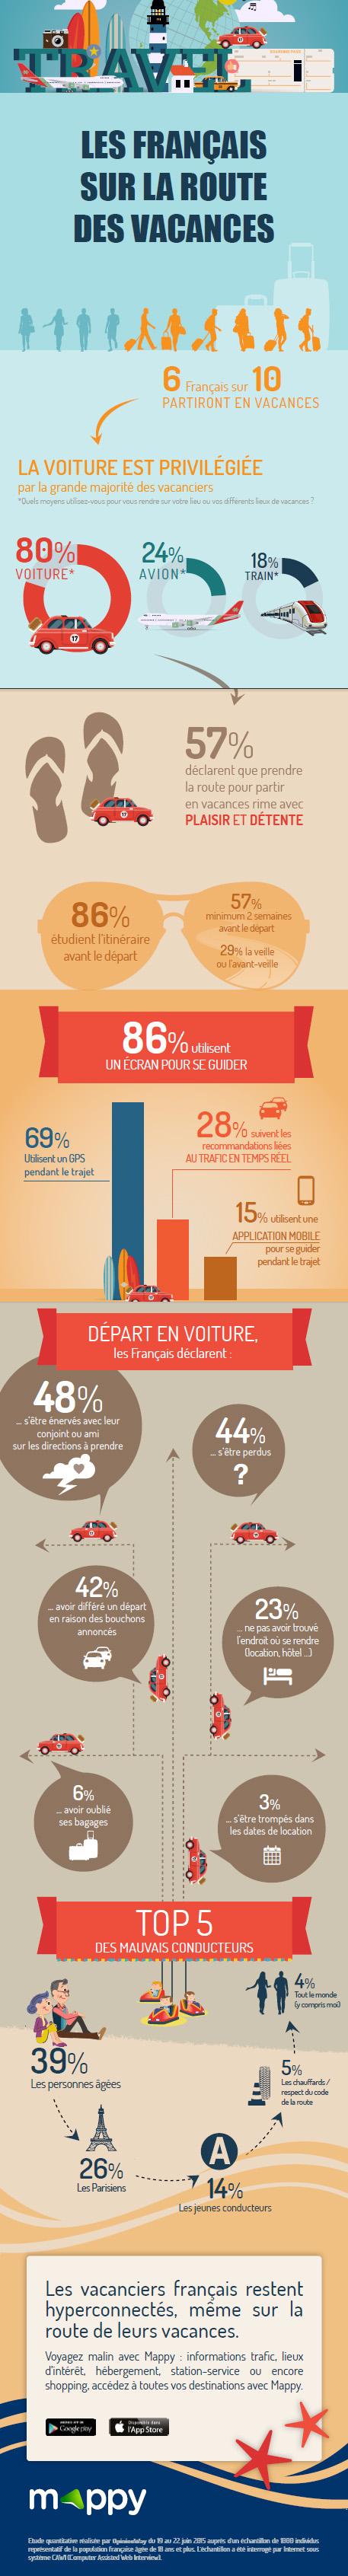 Plus de 8 Français sur 10 utilisent un écran pour se guider sur la route des vacances